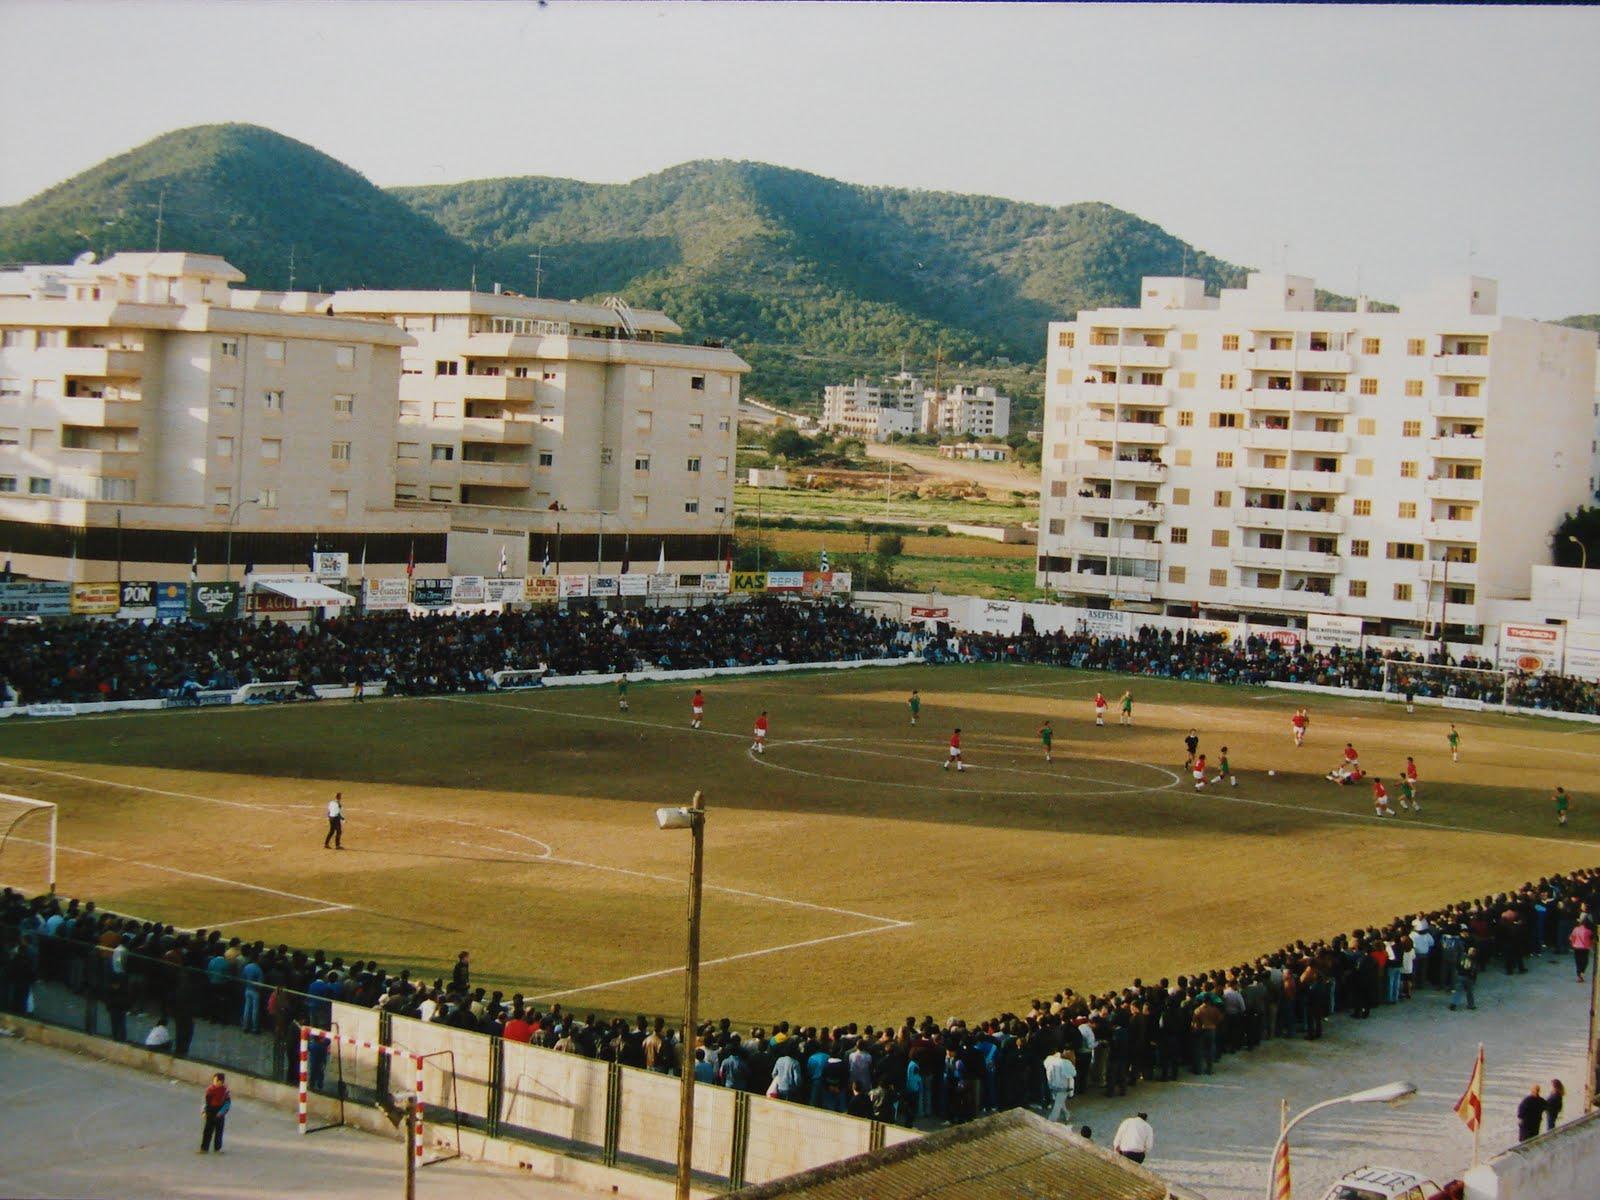 El campo de fútbol de la calle Canarias siempre se llenaba de espectadores cuando jugaba la SD Ibiza. En la imagen puede apreciarse el ambientazo que se respiraba alrededor del terreno de juego, de hierba natural.